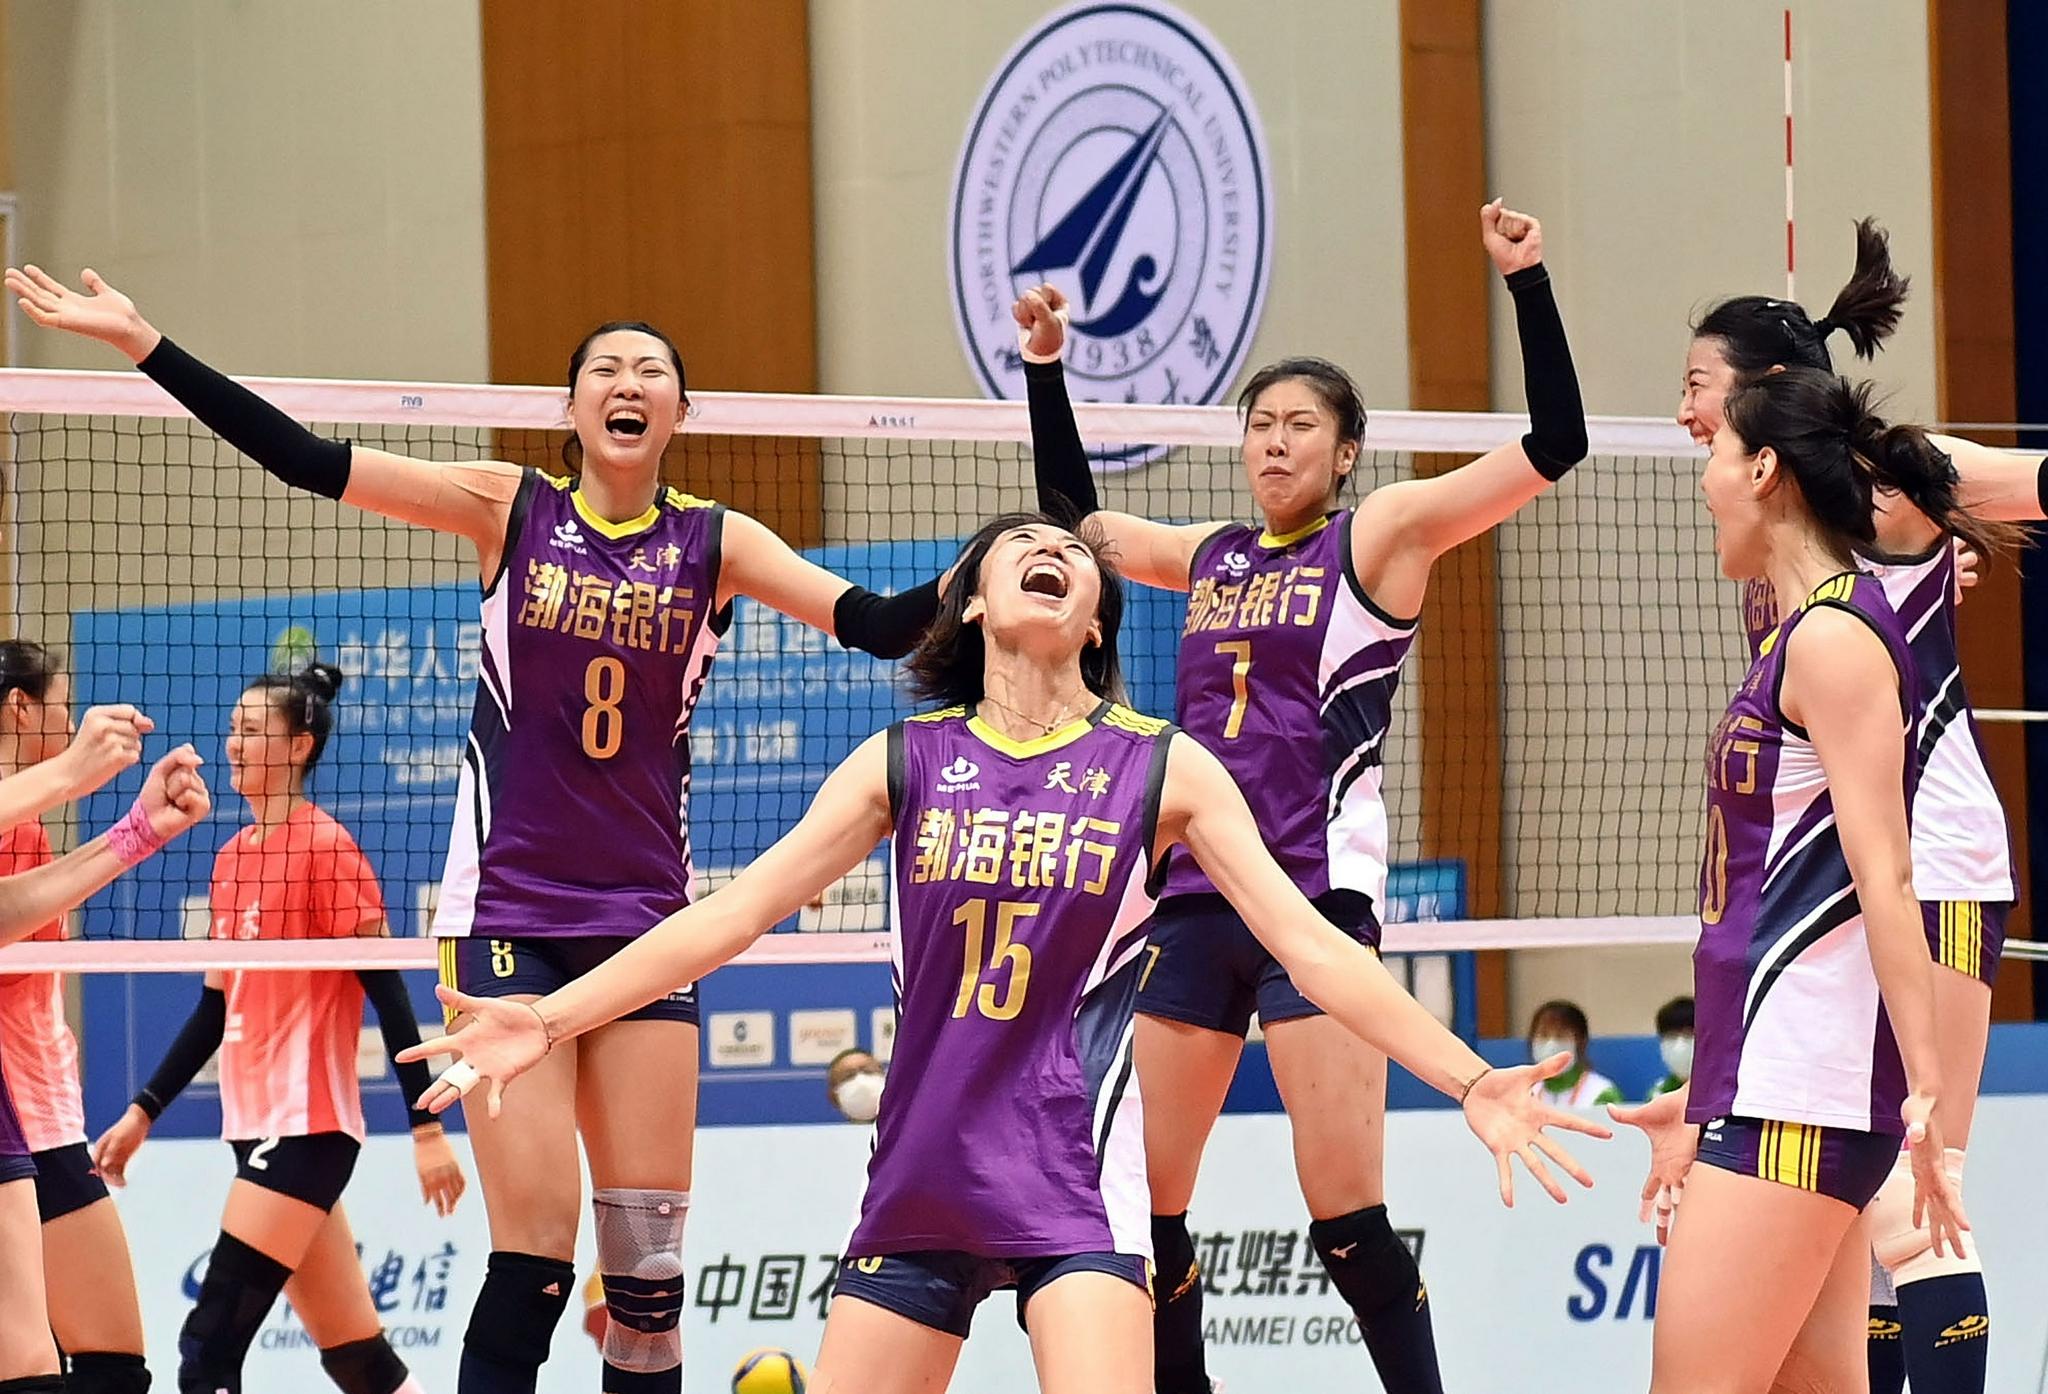 全运会 全天综合:天津女排夺冠 竞赛全部收官